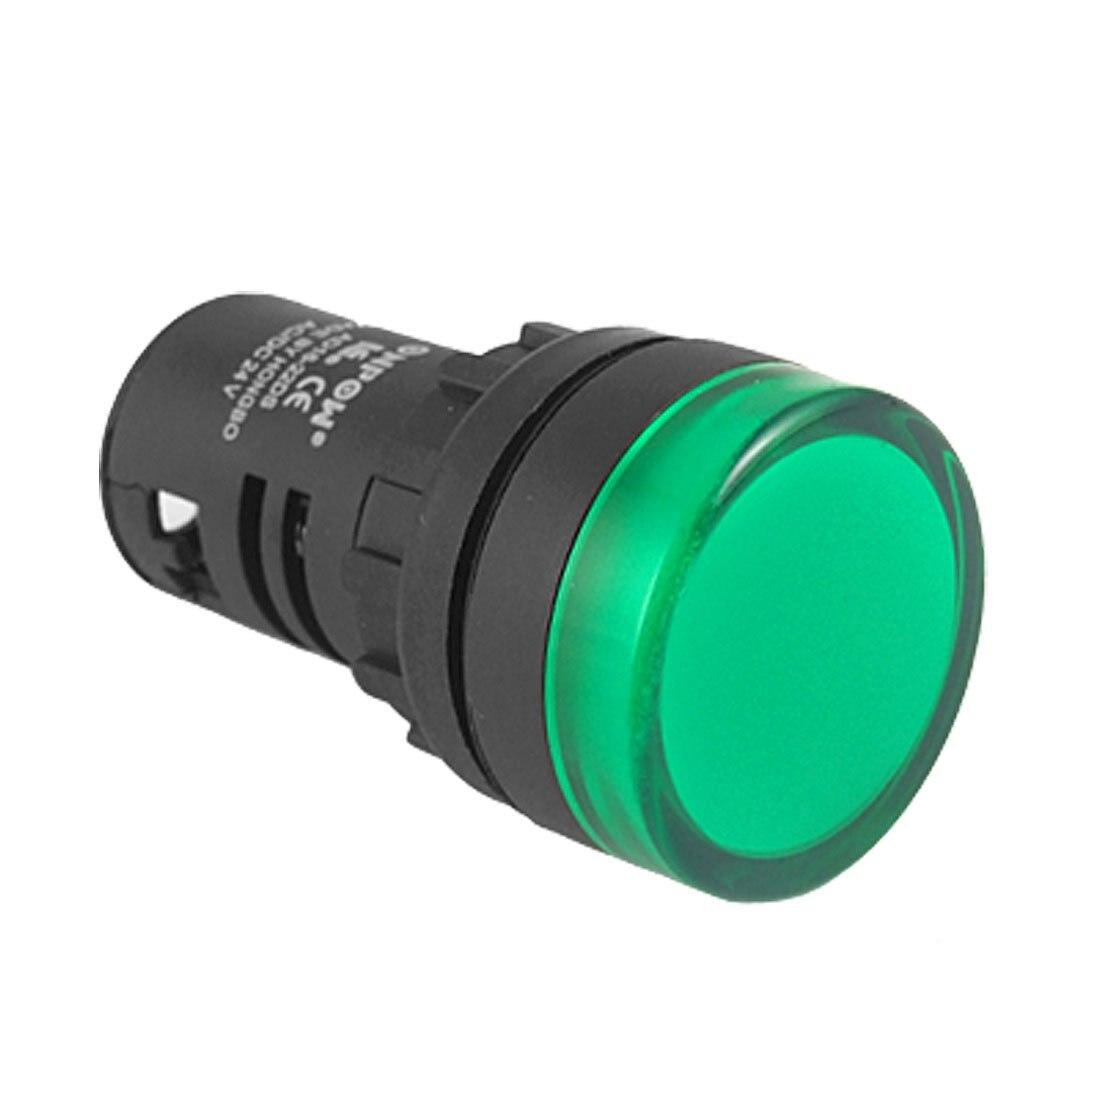 Panel Mount Green Pilot Light Signal Indicator Lamp AC DC 24V